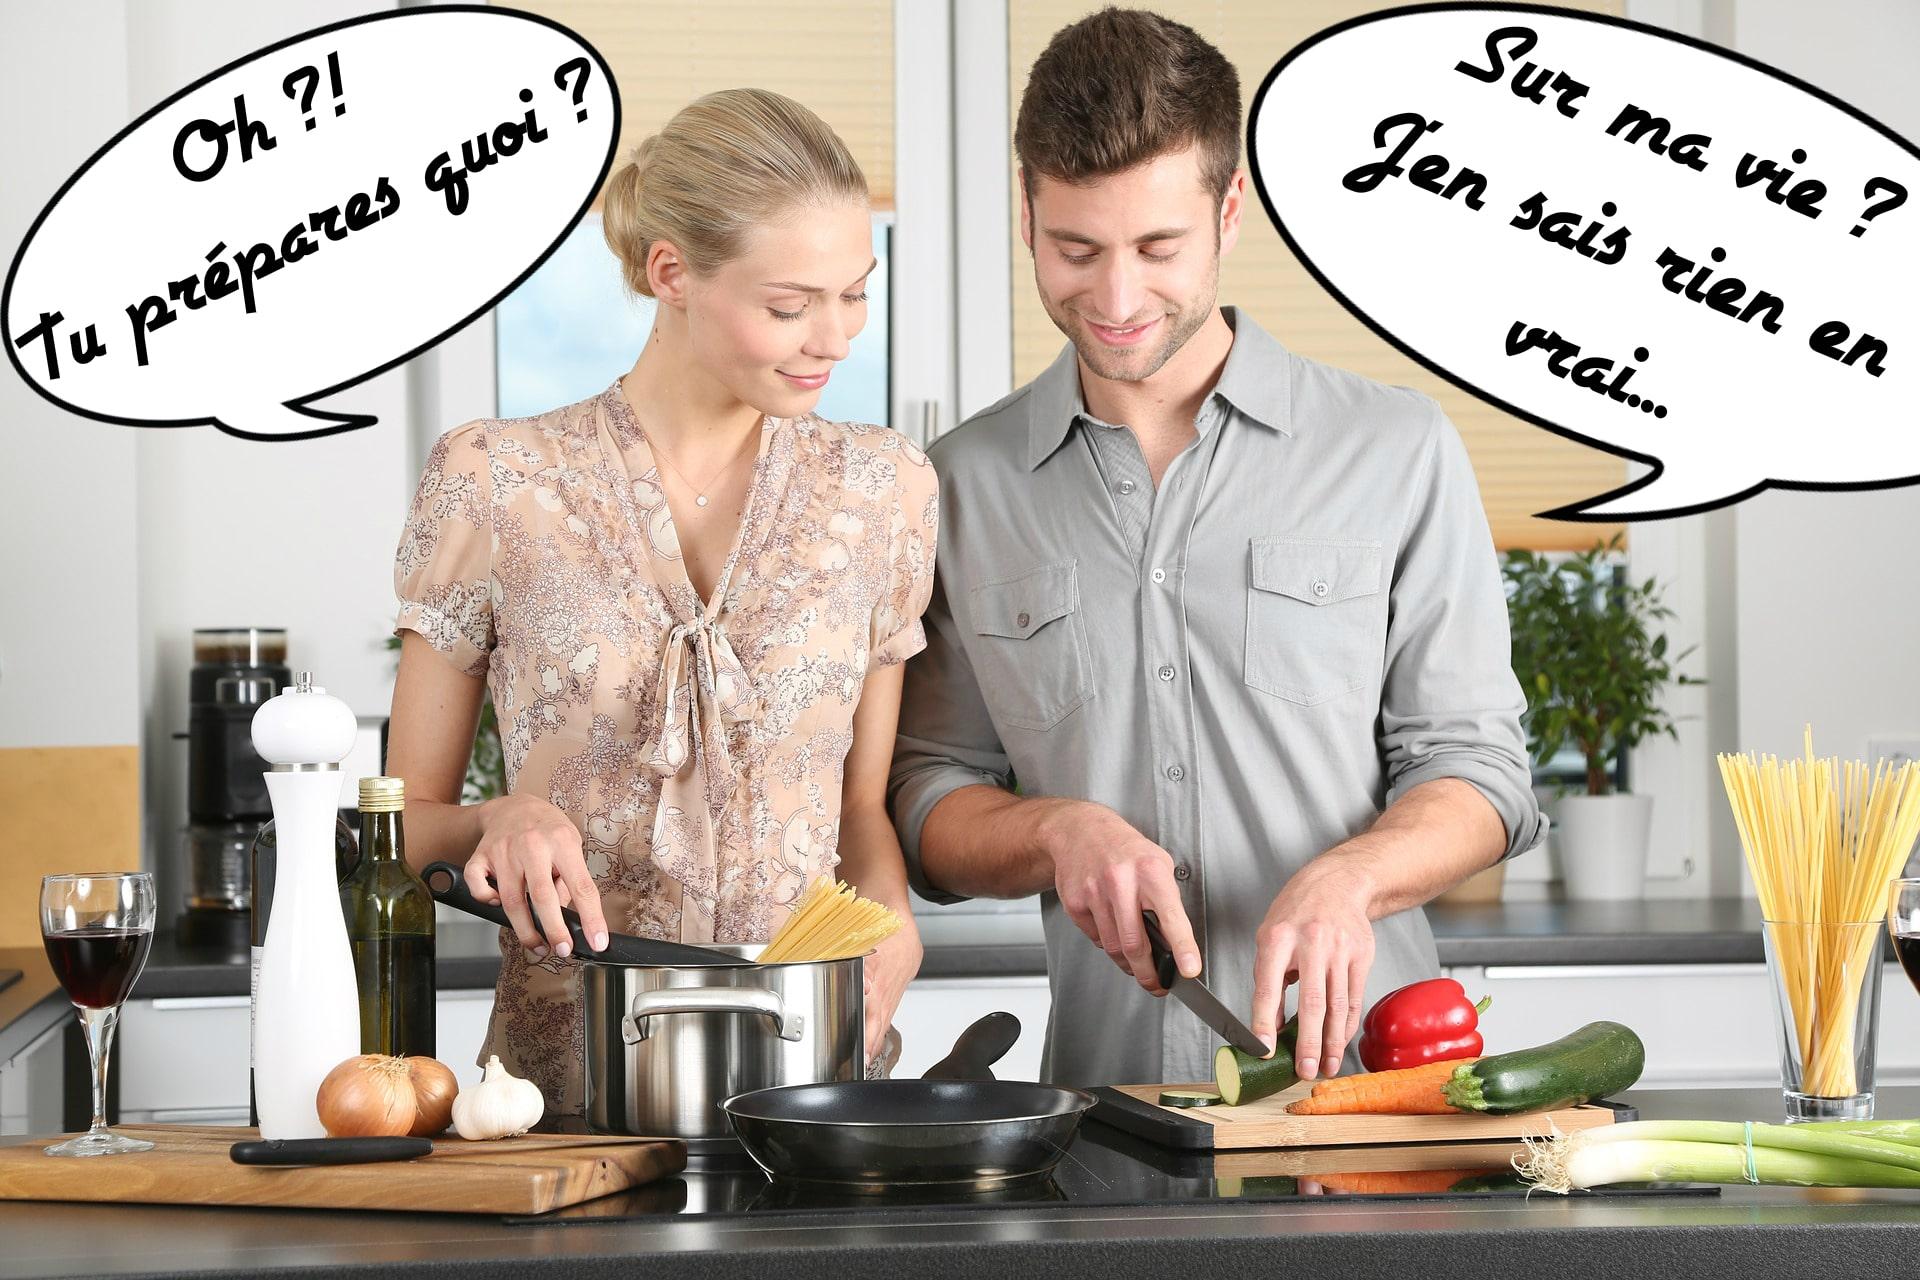 En cuisine avec ce beau couple